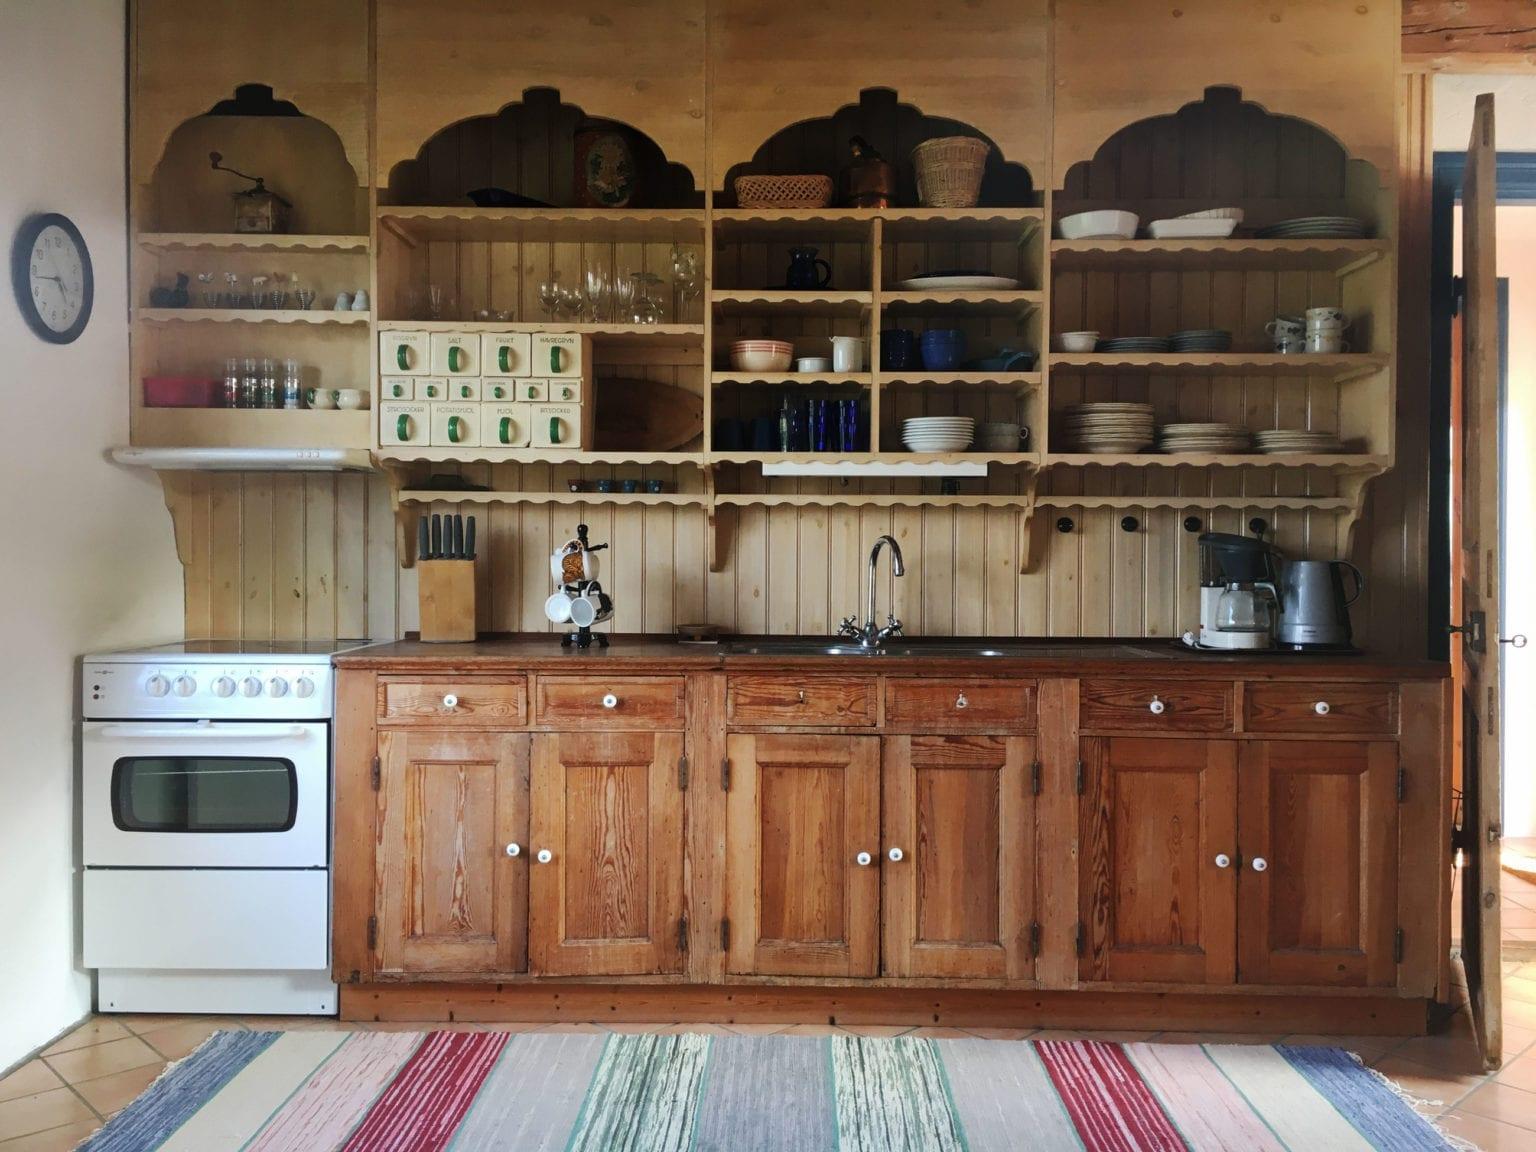 Die Brauerei Küche